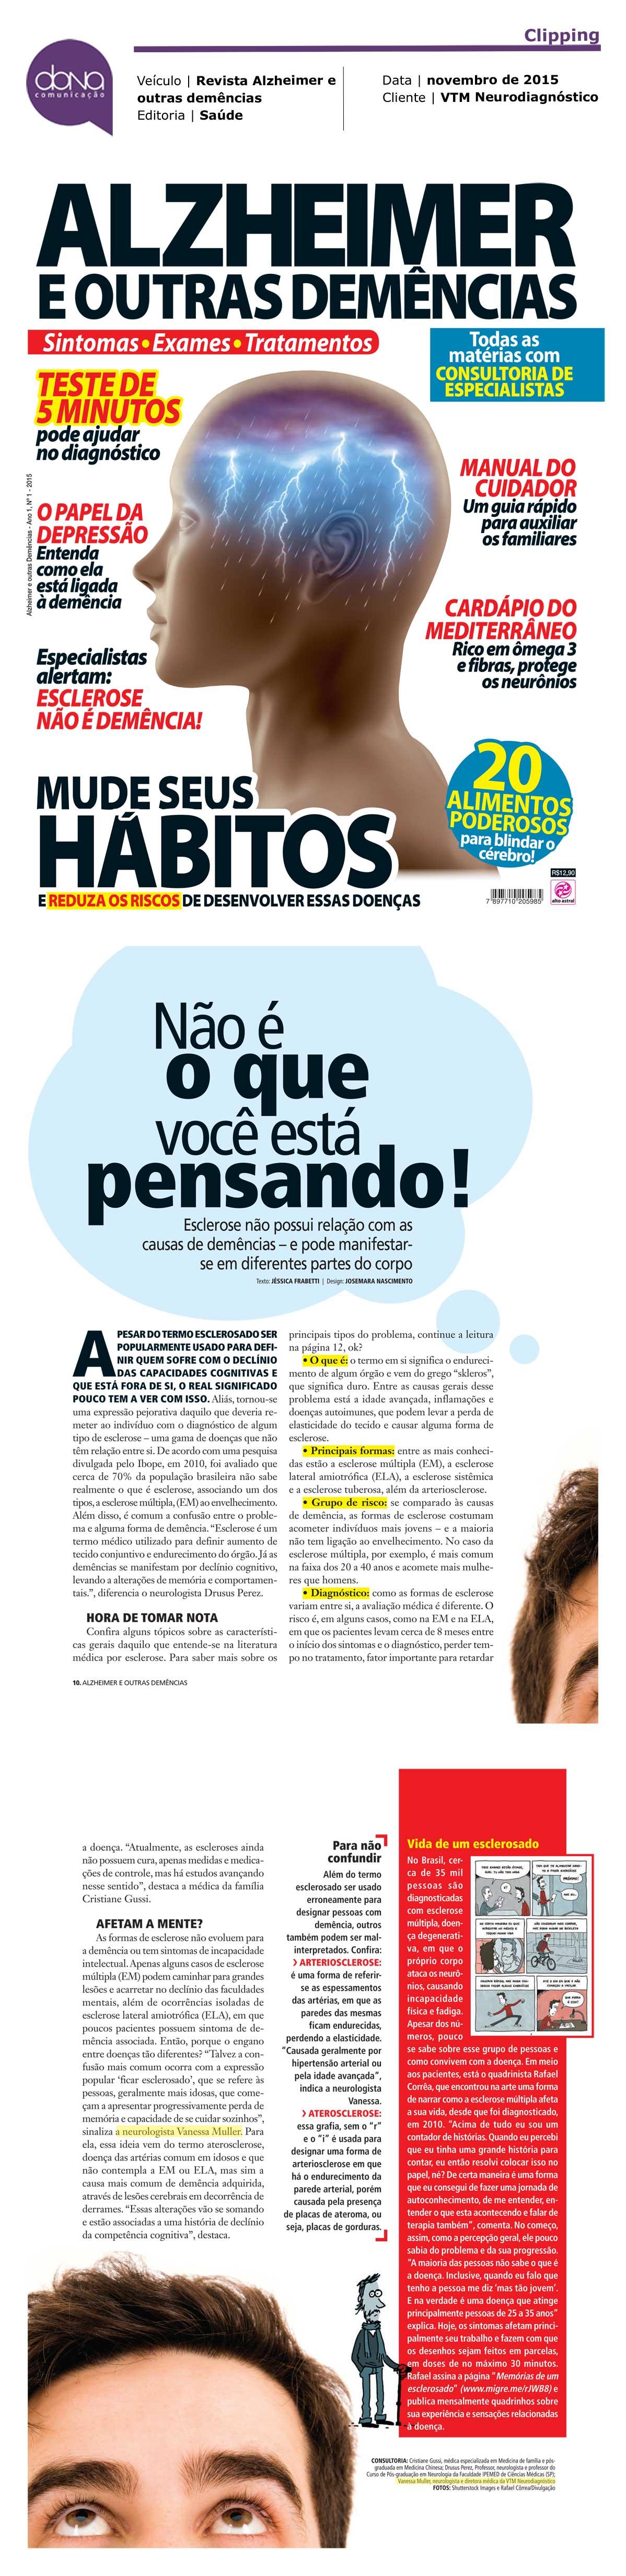 Dra. Vanessa Muller_Revista Alzheimer e outras demências_Saúde_11.2015-2